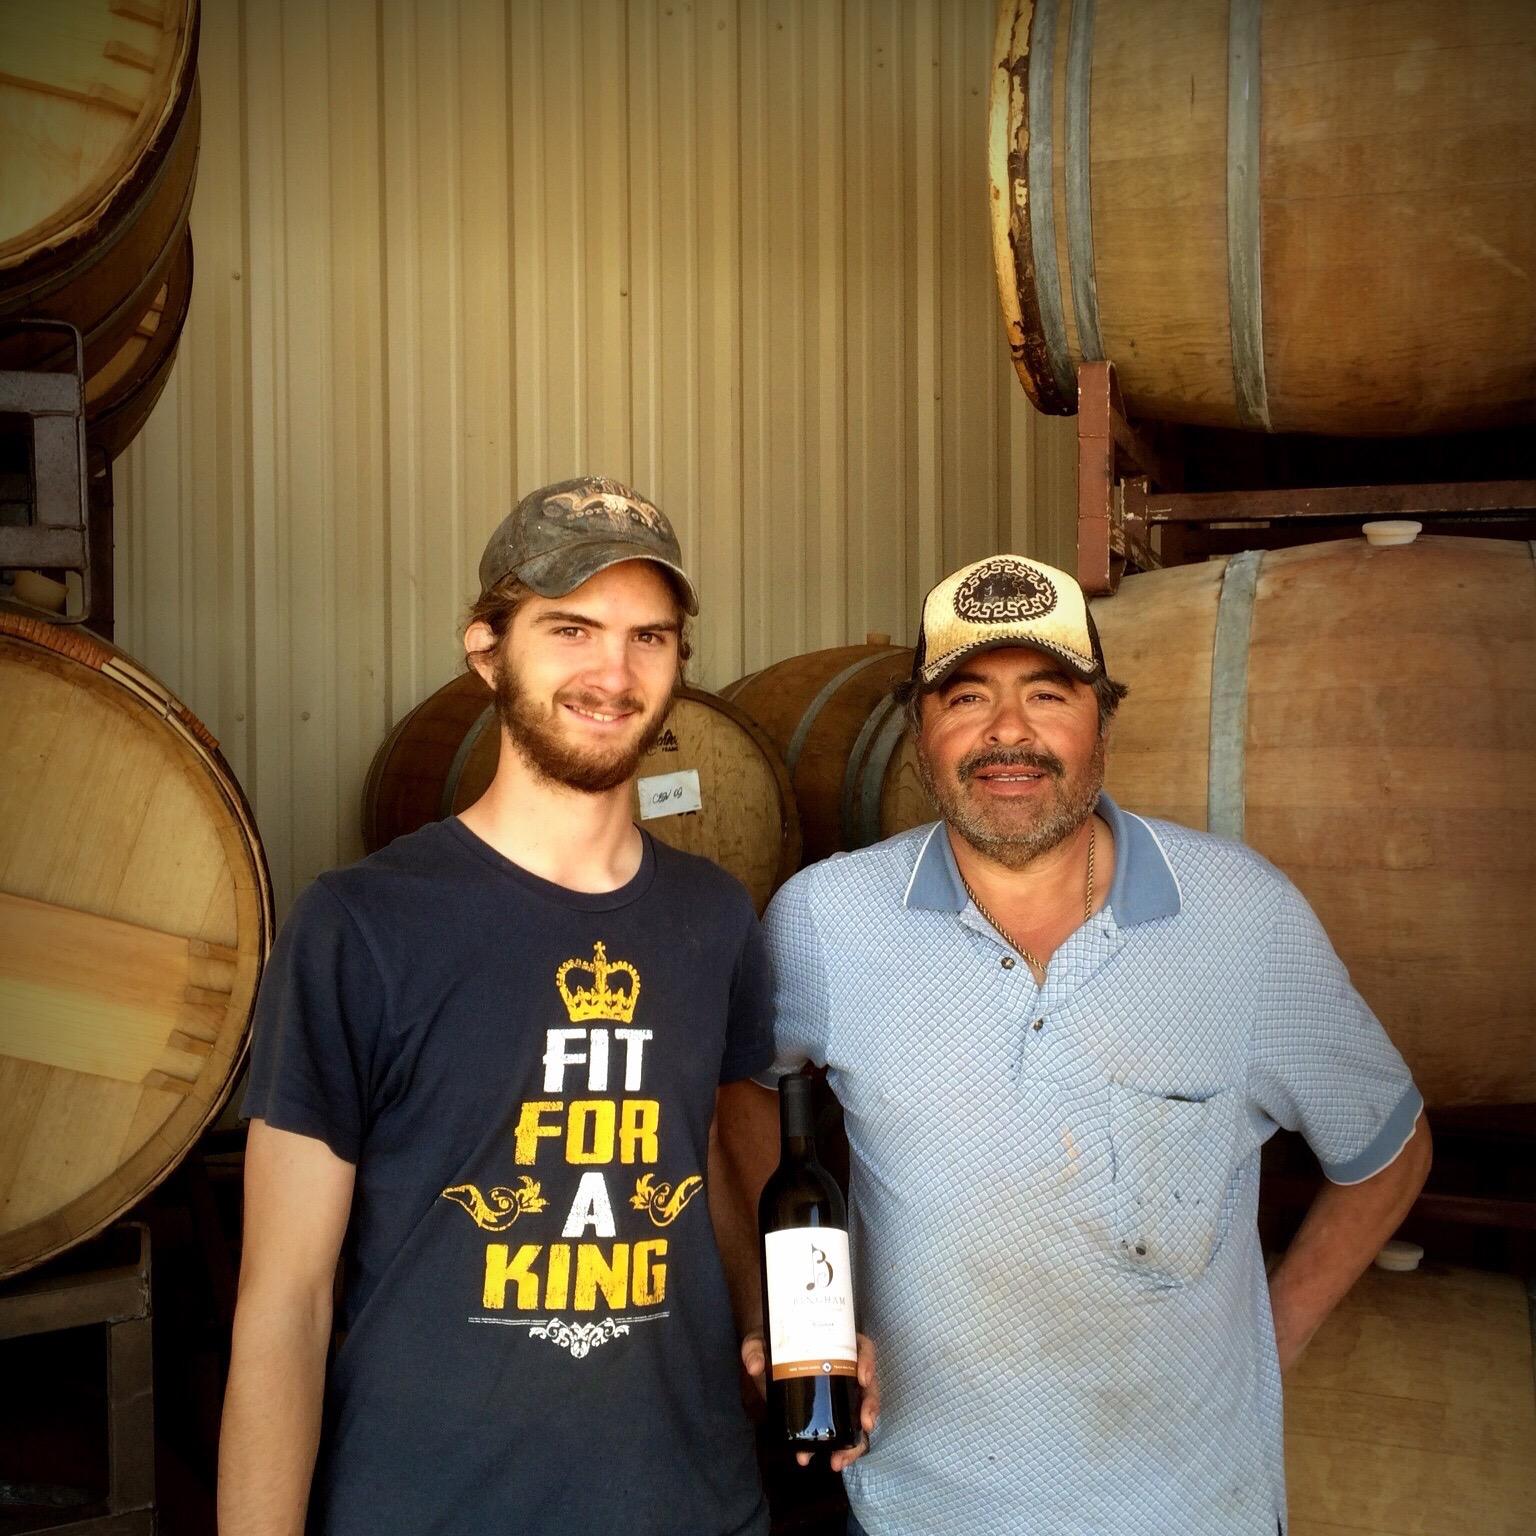 Daniel Bingham and Manuel Lechuga